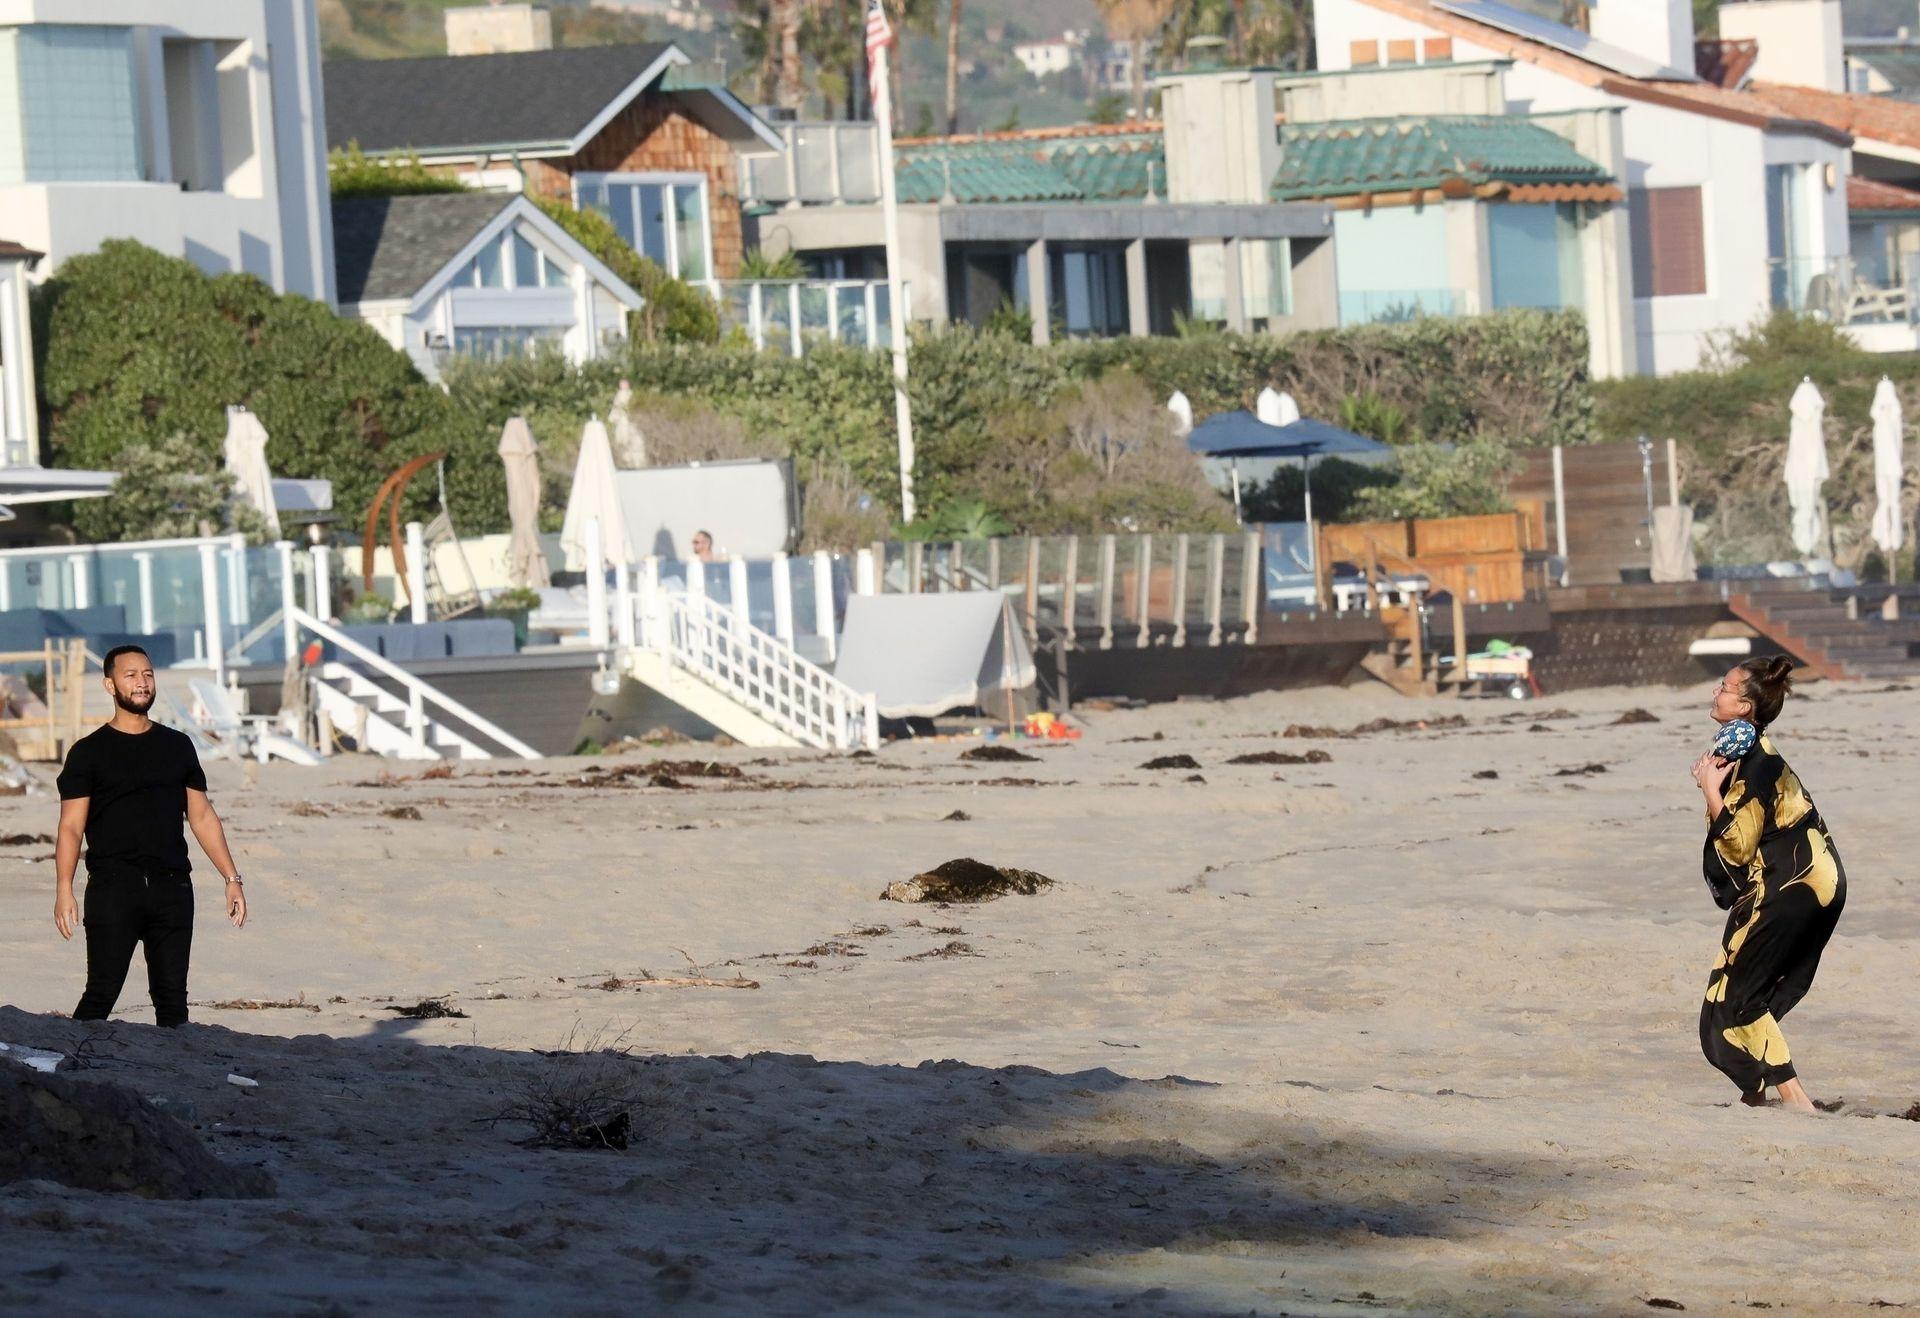 Chrissy Teigen Enjoys A Beach Day In Malibu Amid All Coronavirus Chaos 0027